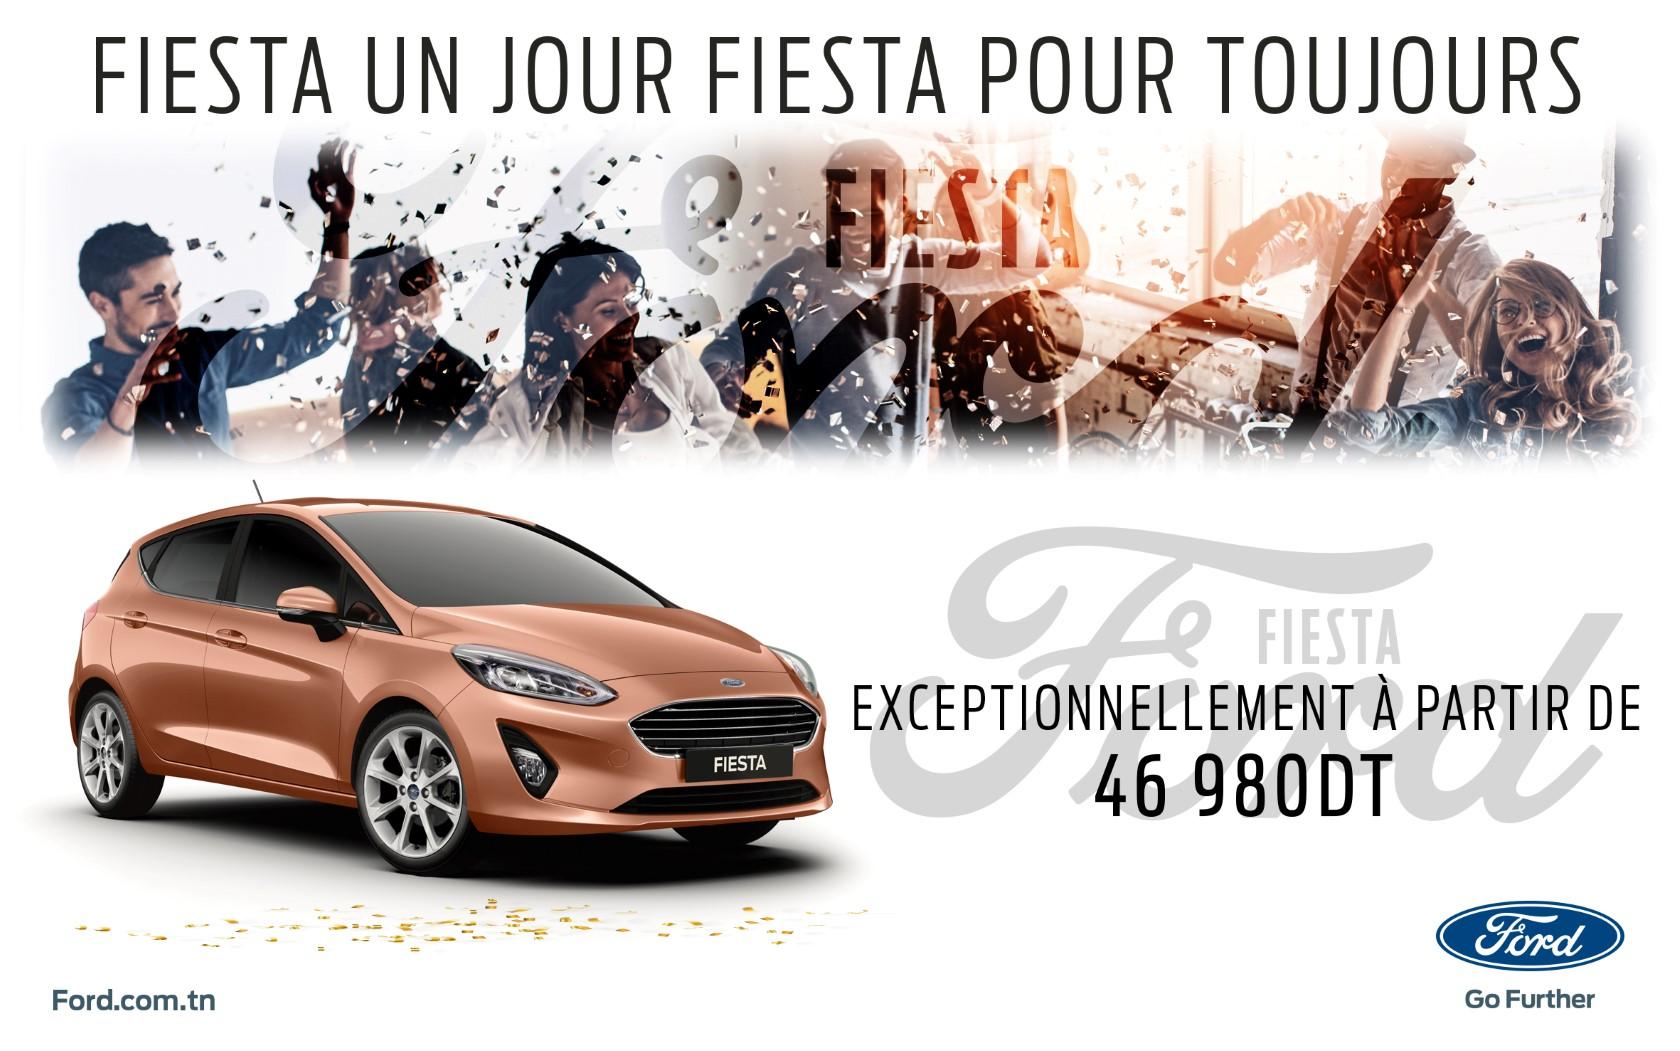 Promo sur la Ford Fiesta